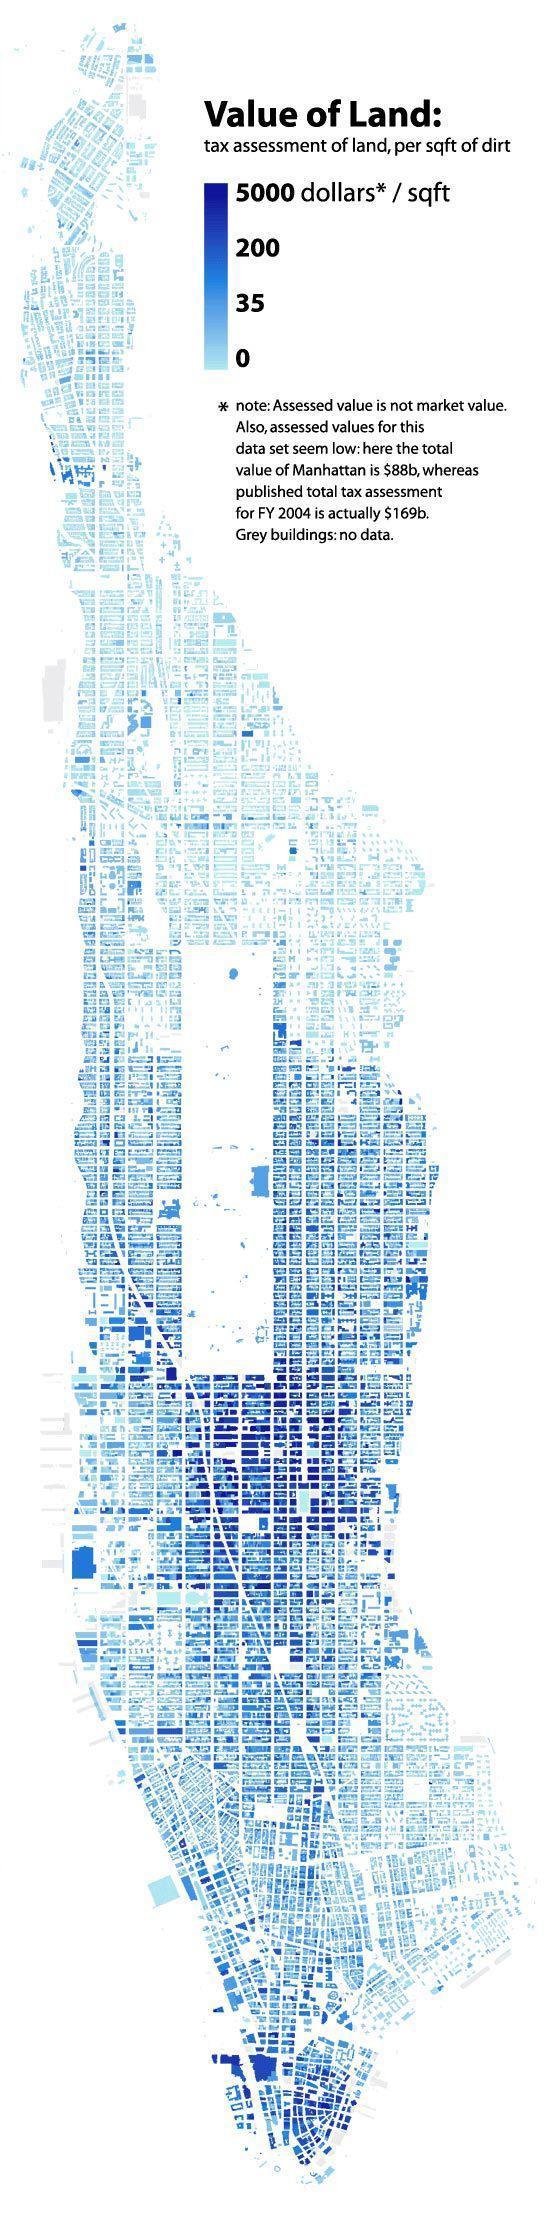 场地分析图常用技巧大列举-20150309223641_91589.jpg